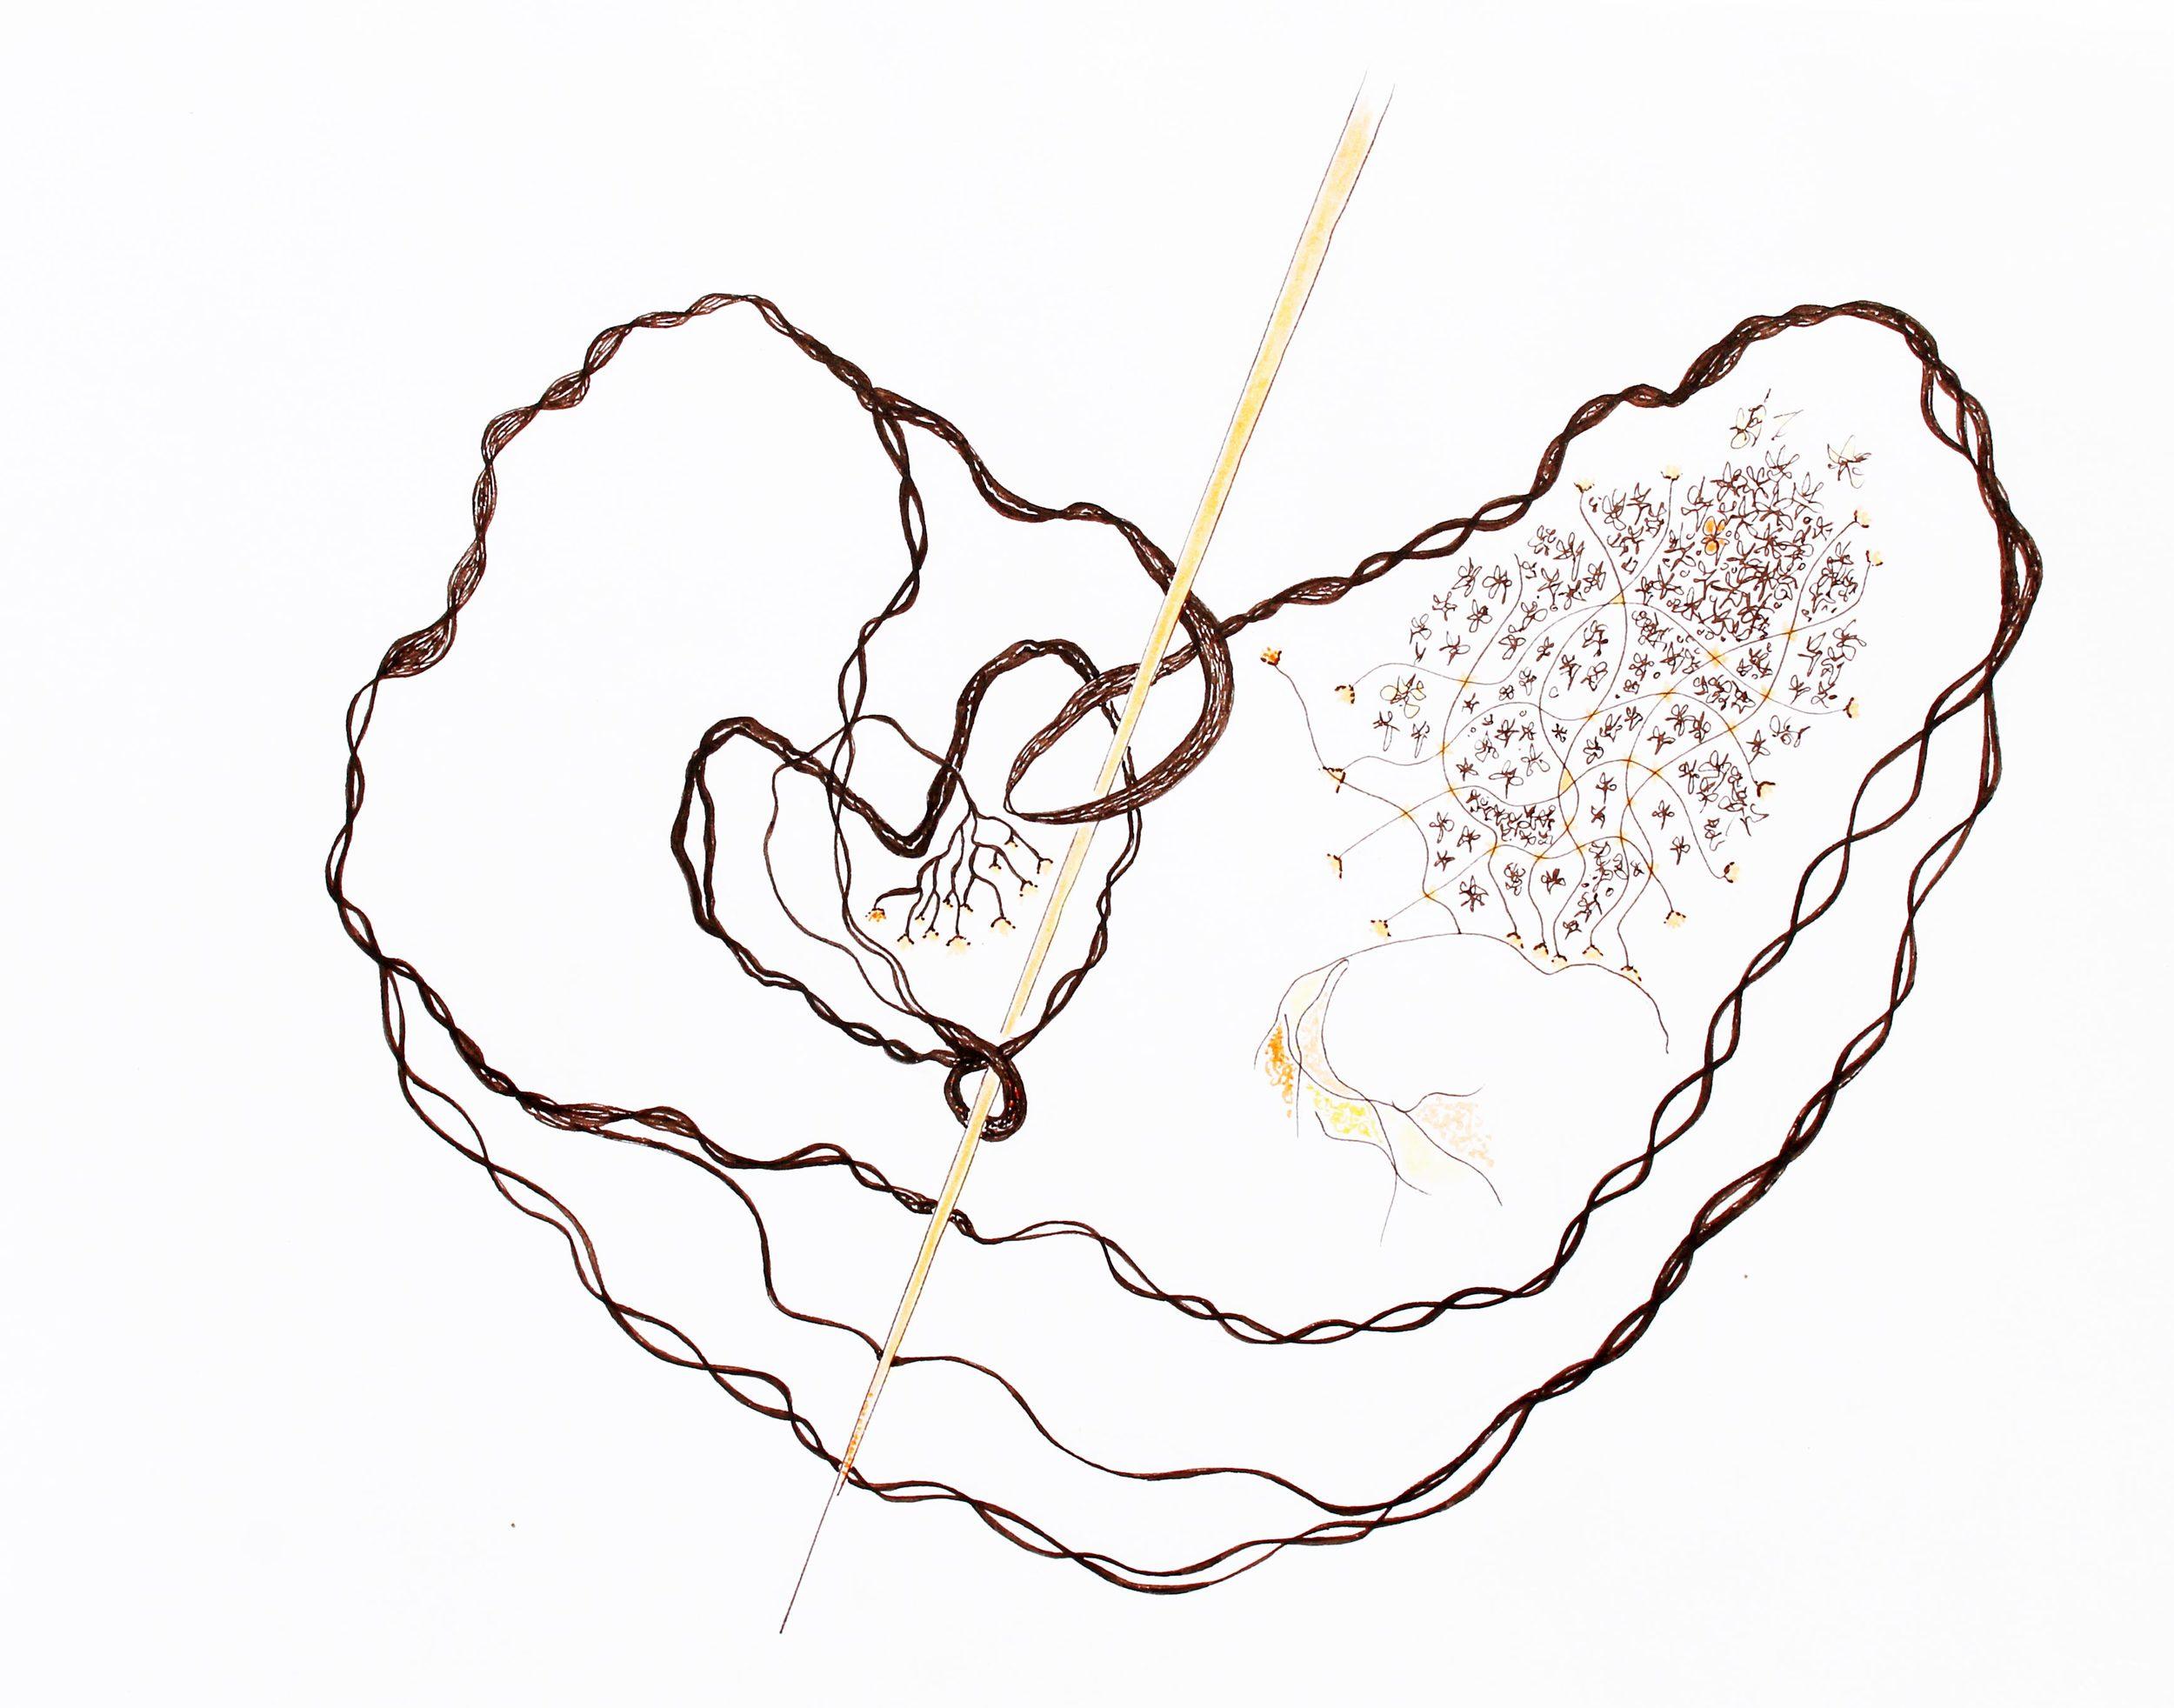 Umbilicus mundi